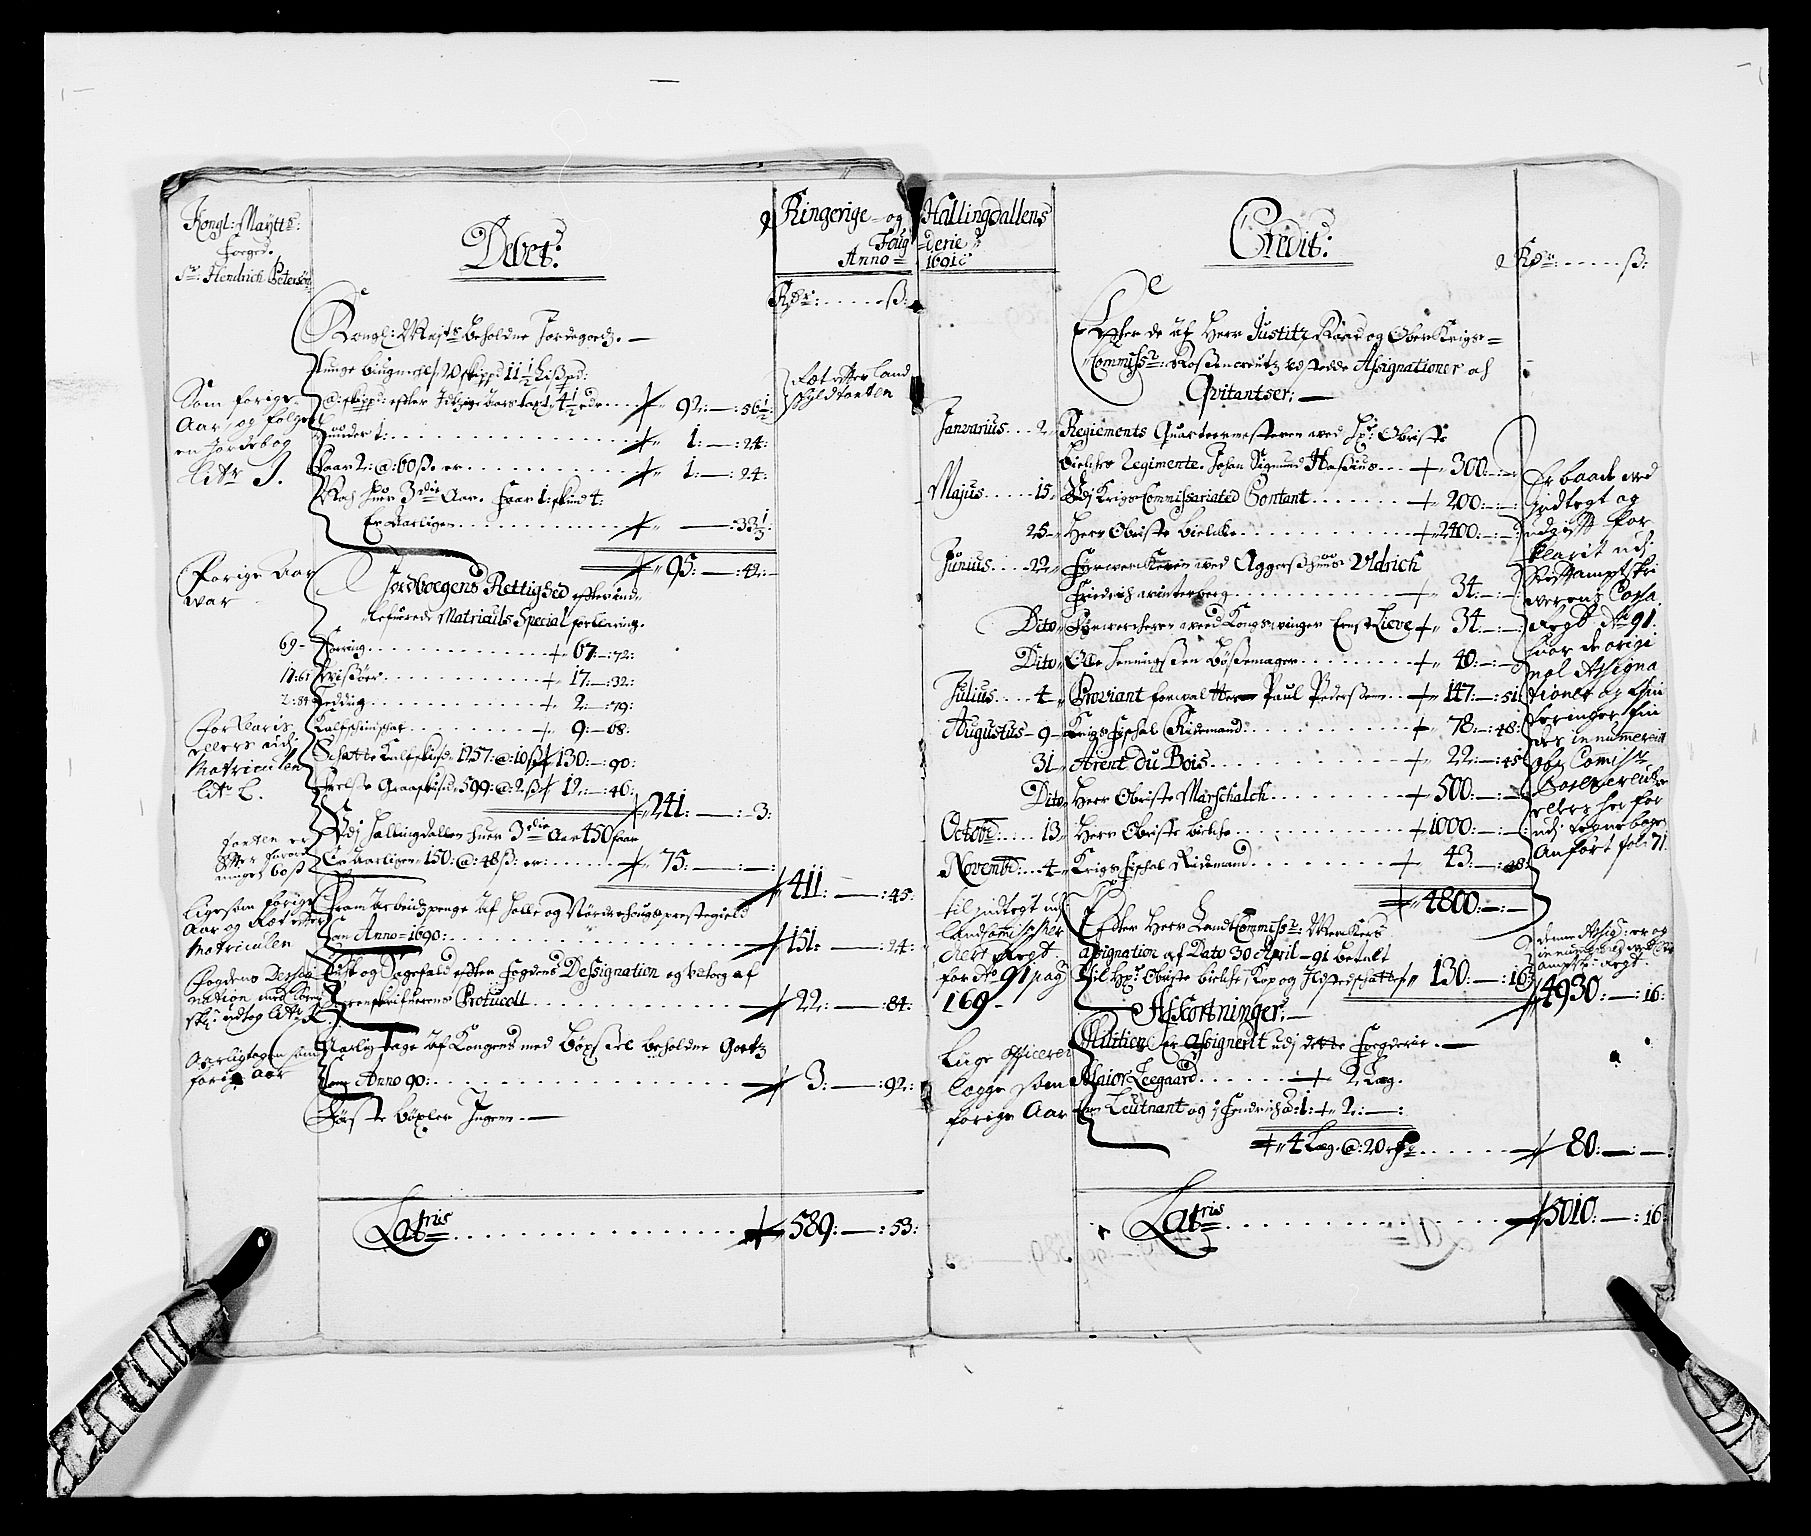 RA, Rentekammeret inntil 1814, Reviderte regnskaper, Fogderegnskap, R21/L1448: Fogderegnskap Ringerike og Hallingdal, 1690-1692, s. 6